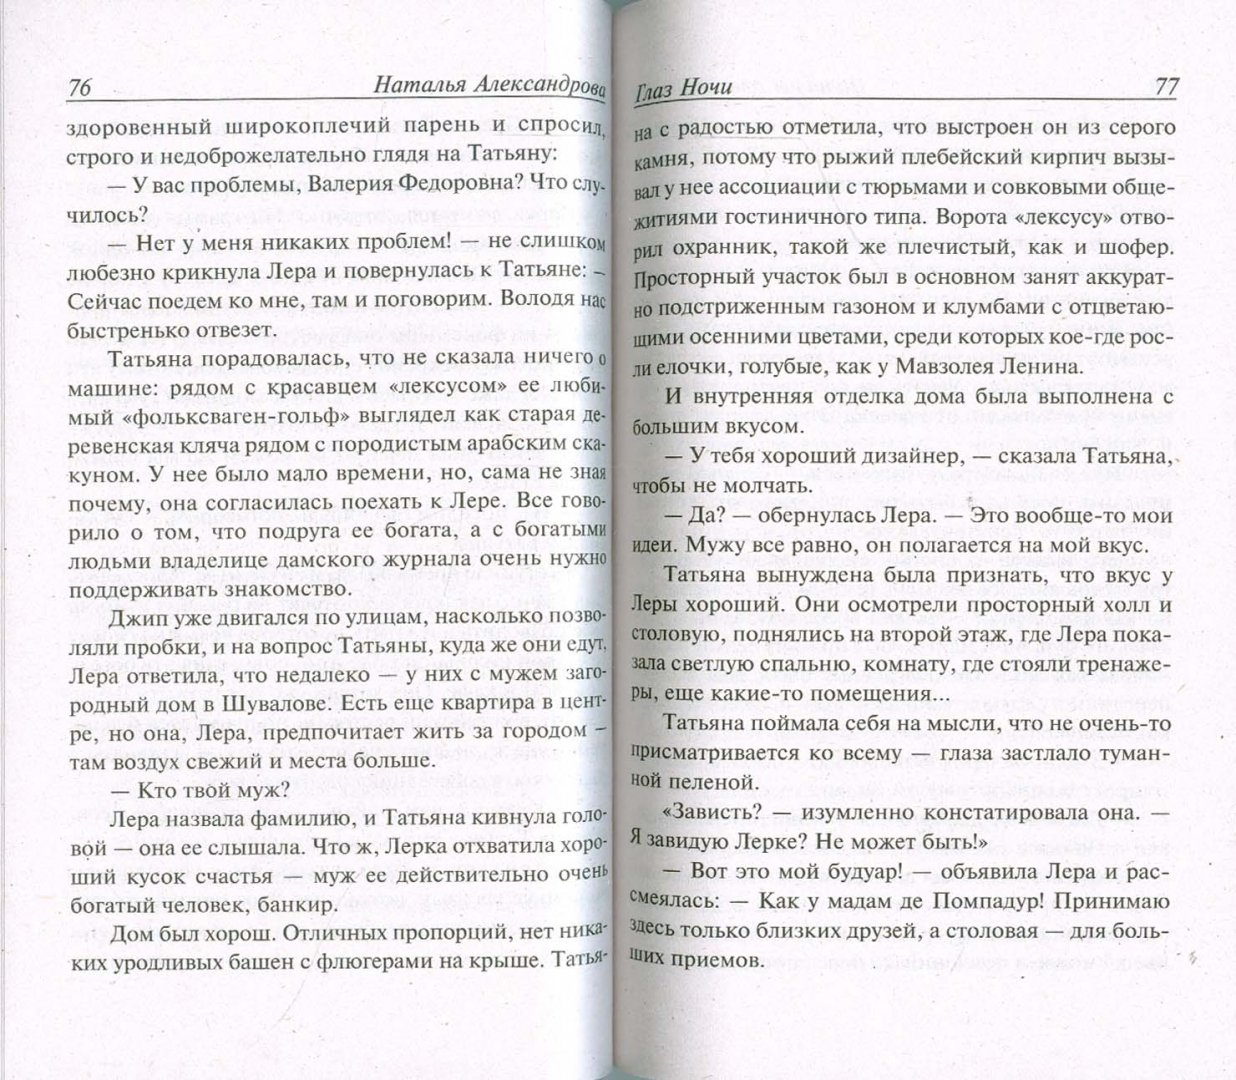 Иллюстрация 1 из 2 для Глаз ночи - Наталья Александрова | Лабиринт - книги. Источник: Лабиринт